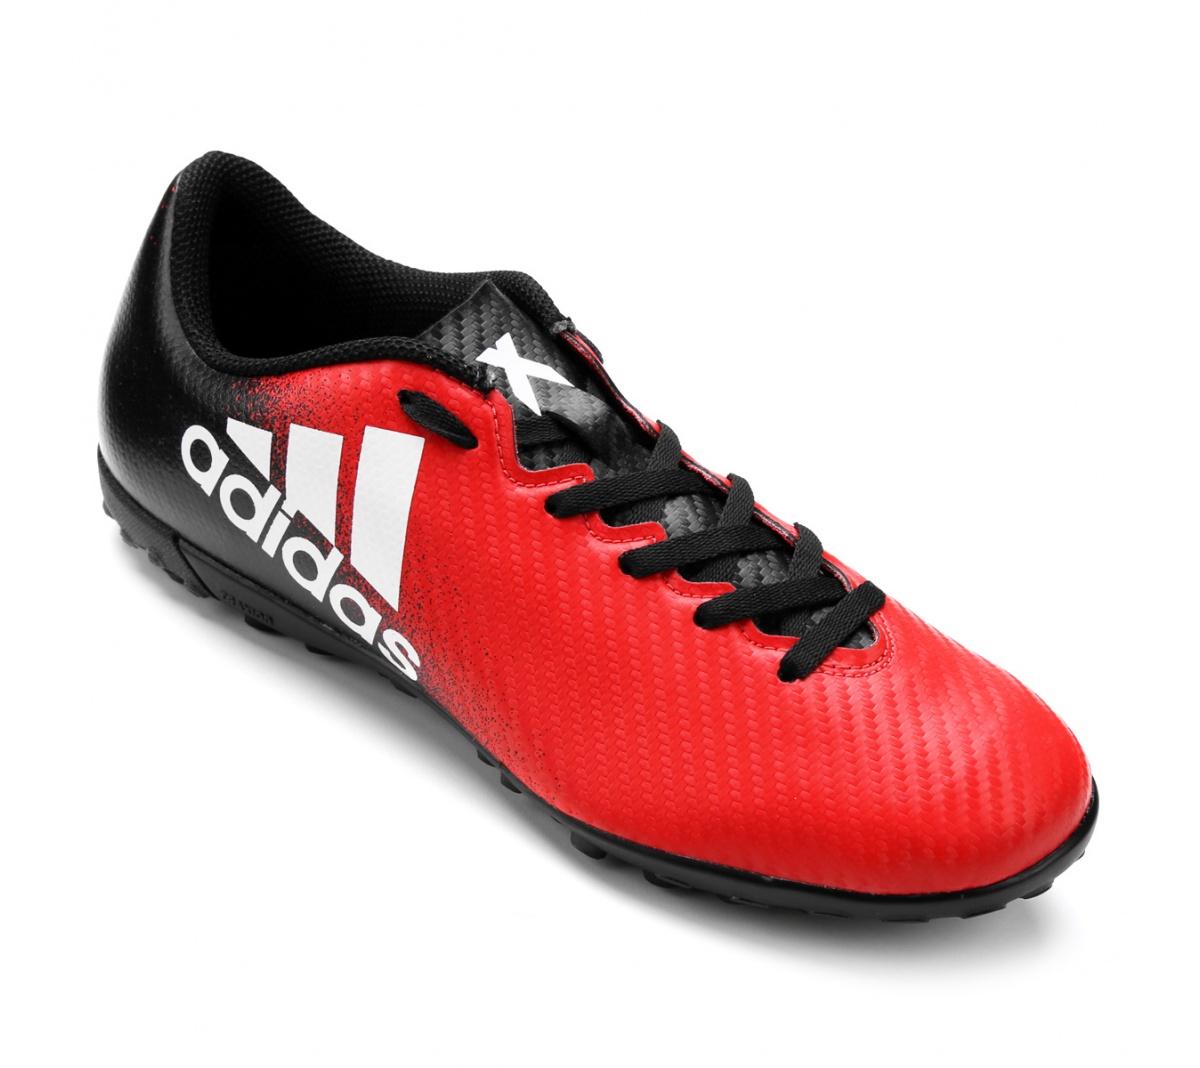 af689da2e33d6 Chuteira Adidas X16.4 Society - Mundo do Futebol